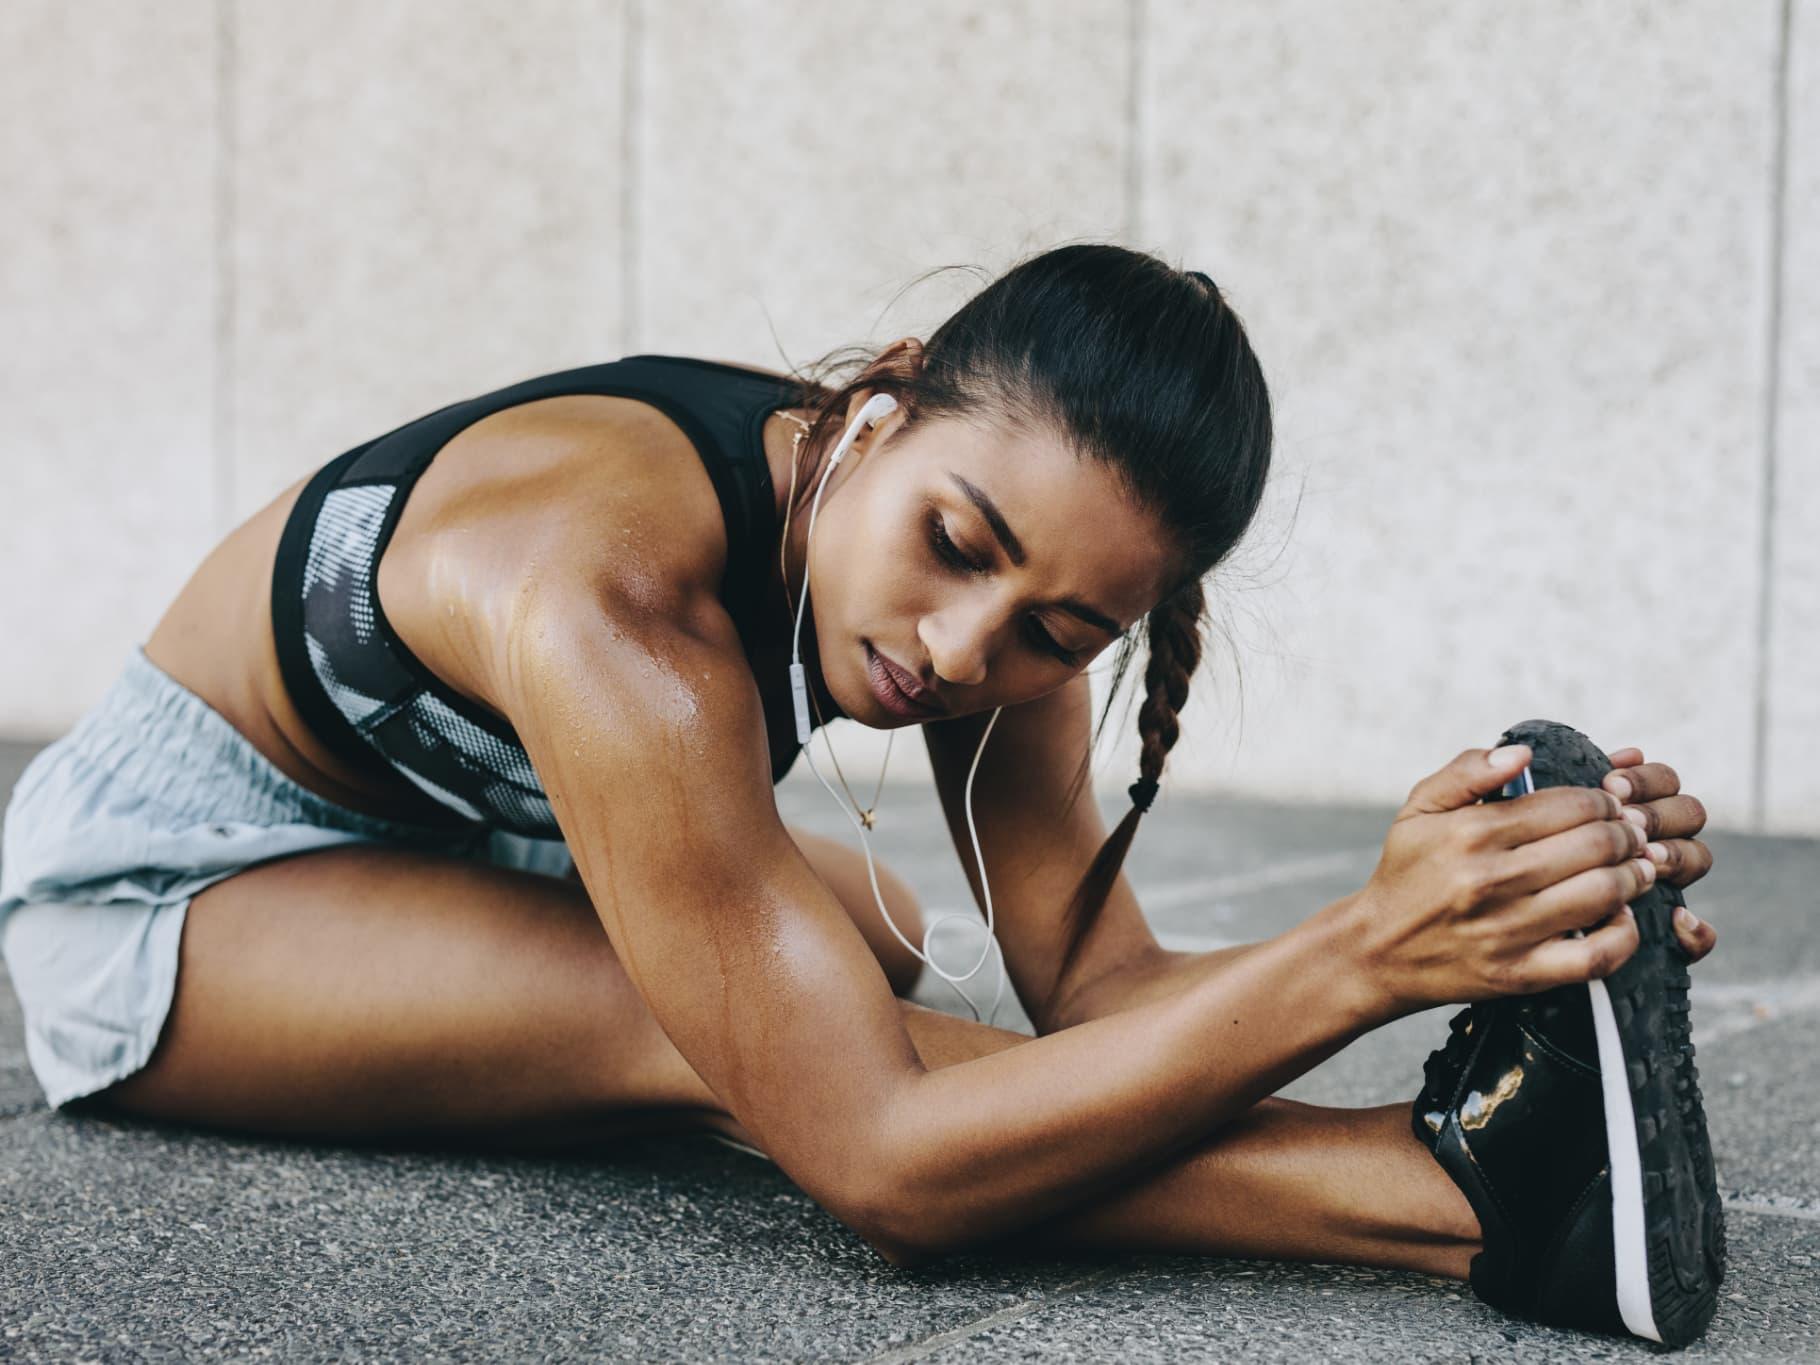 La taille de la poitrine : un frein pour le sport féminin ?